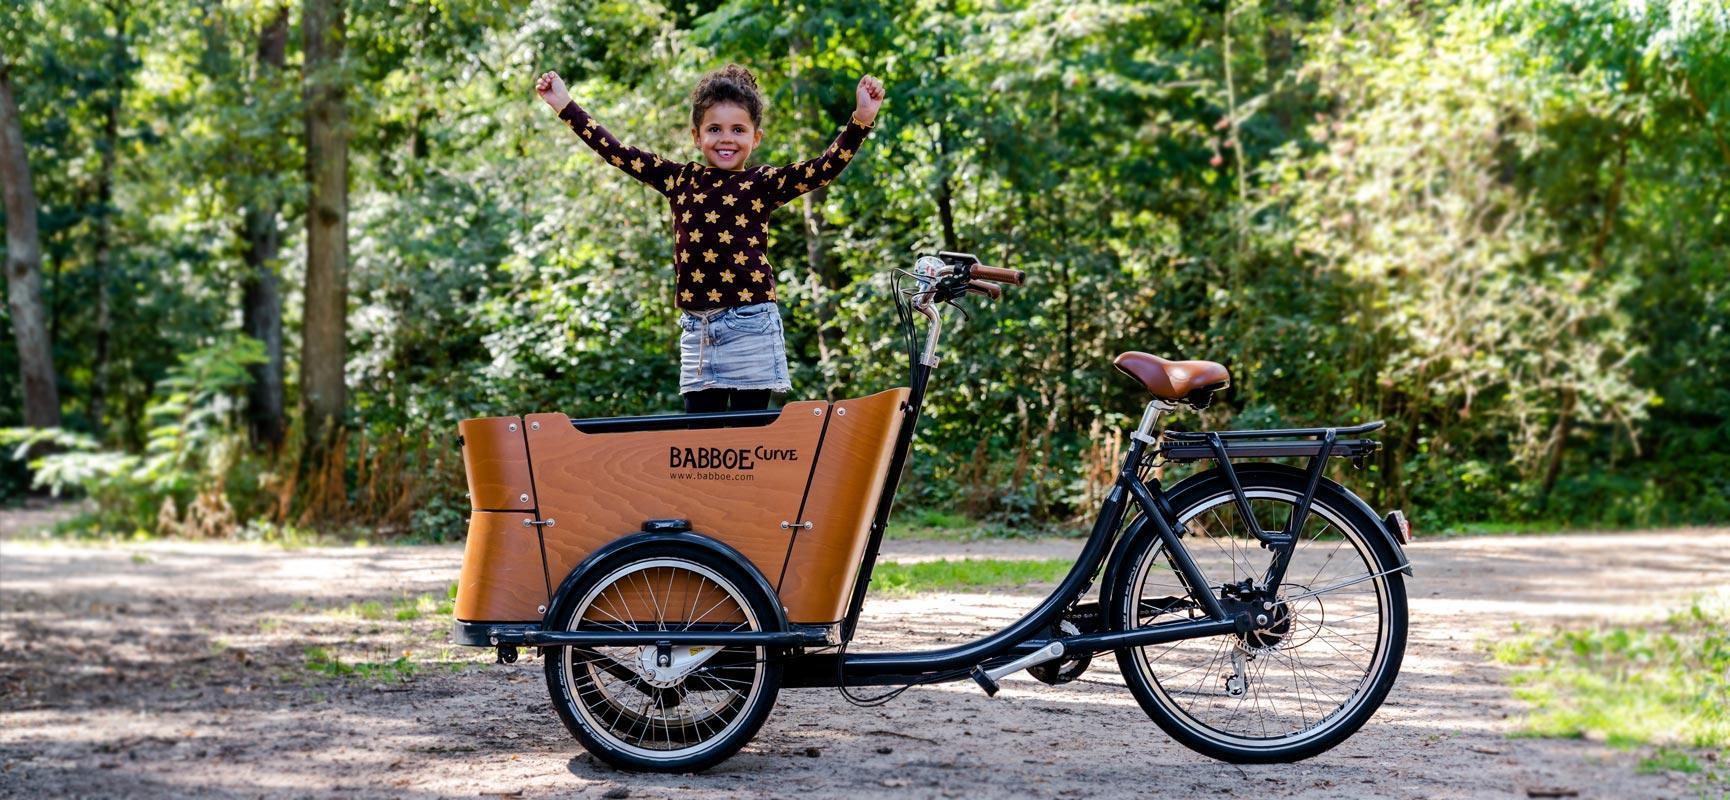 Lastenrad kaufen: Wir haben 10 Tipps speziell für dich